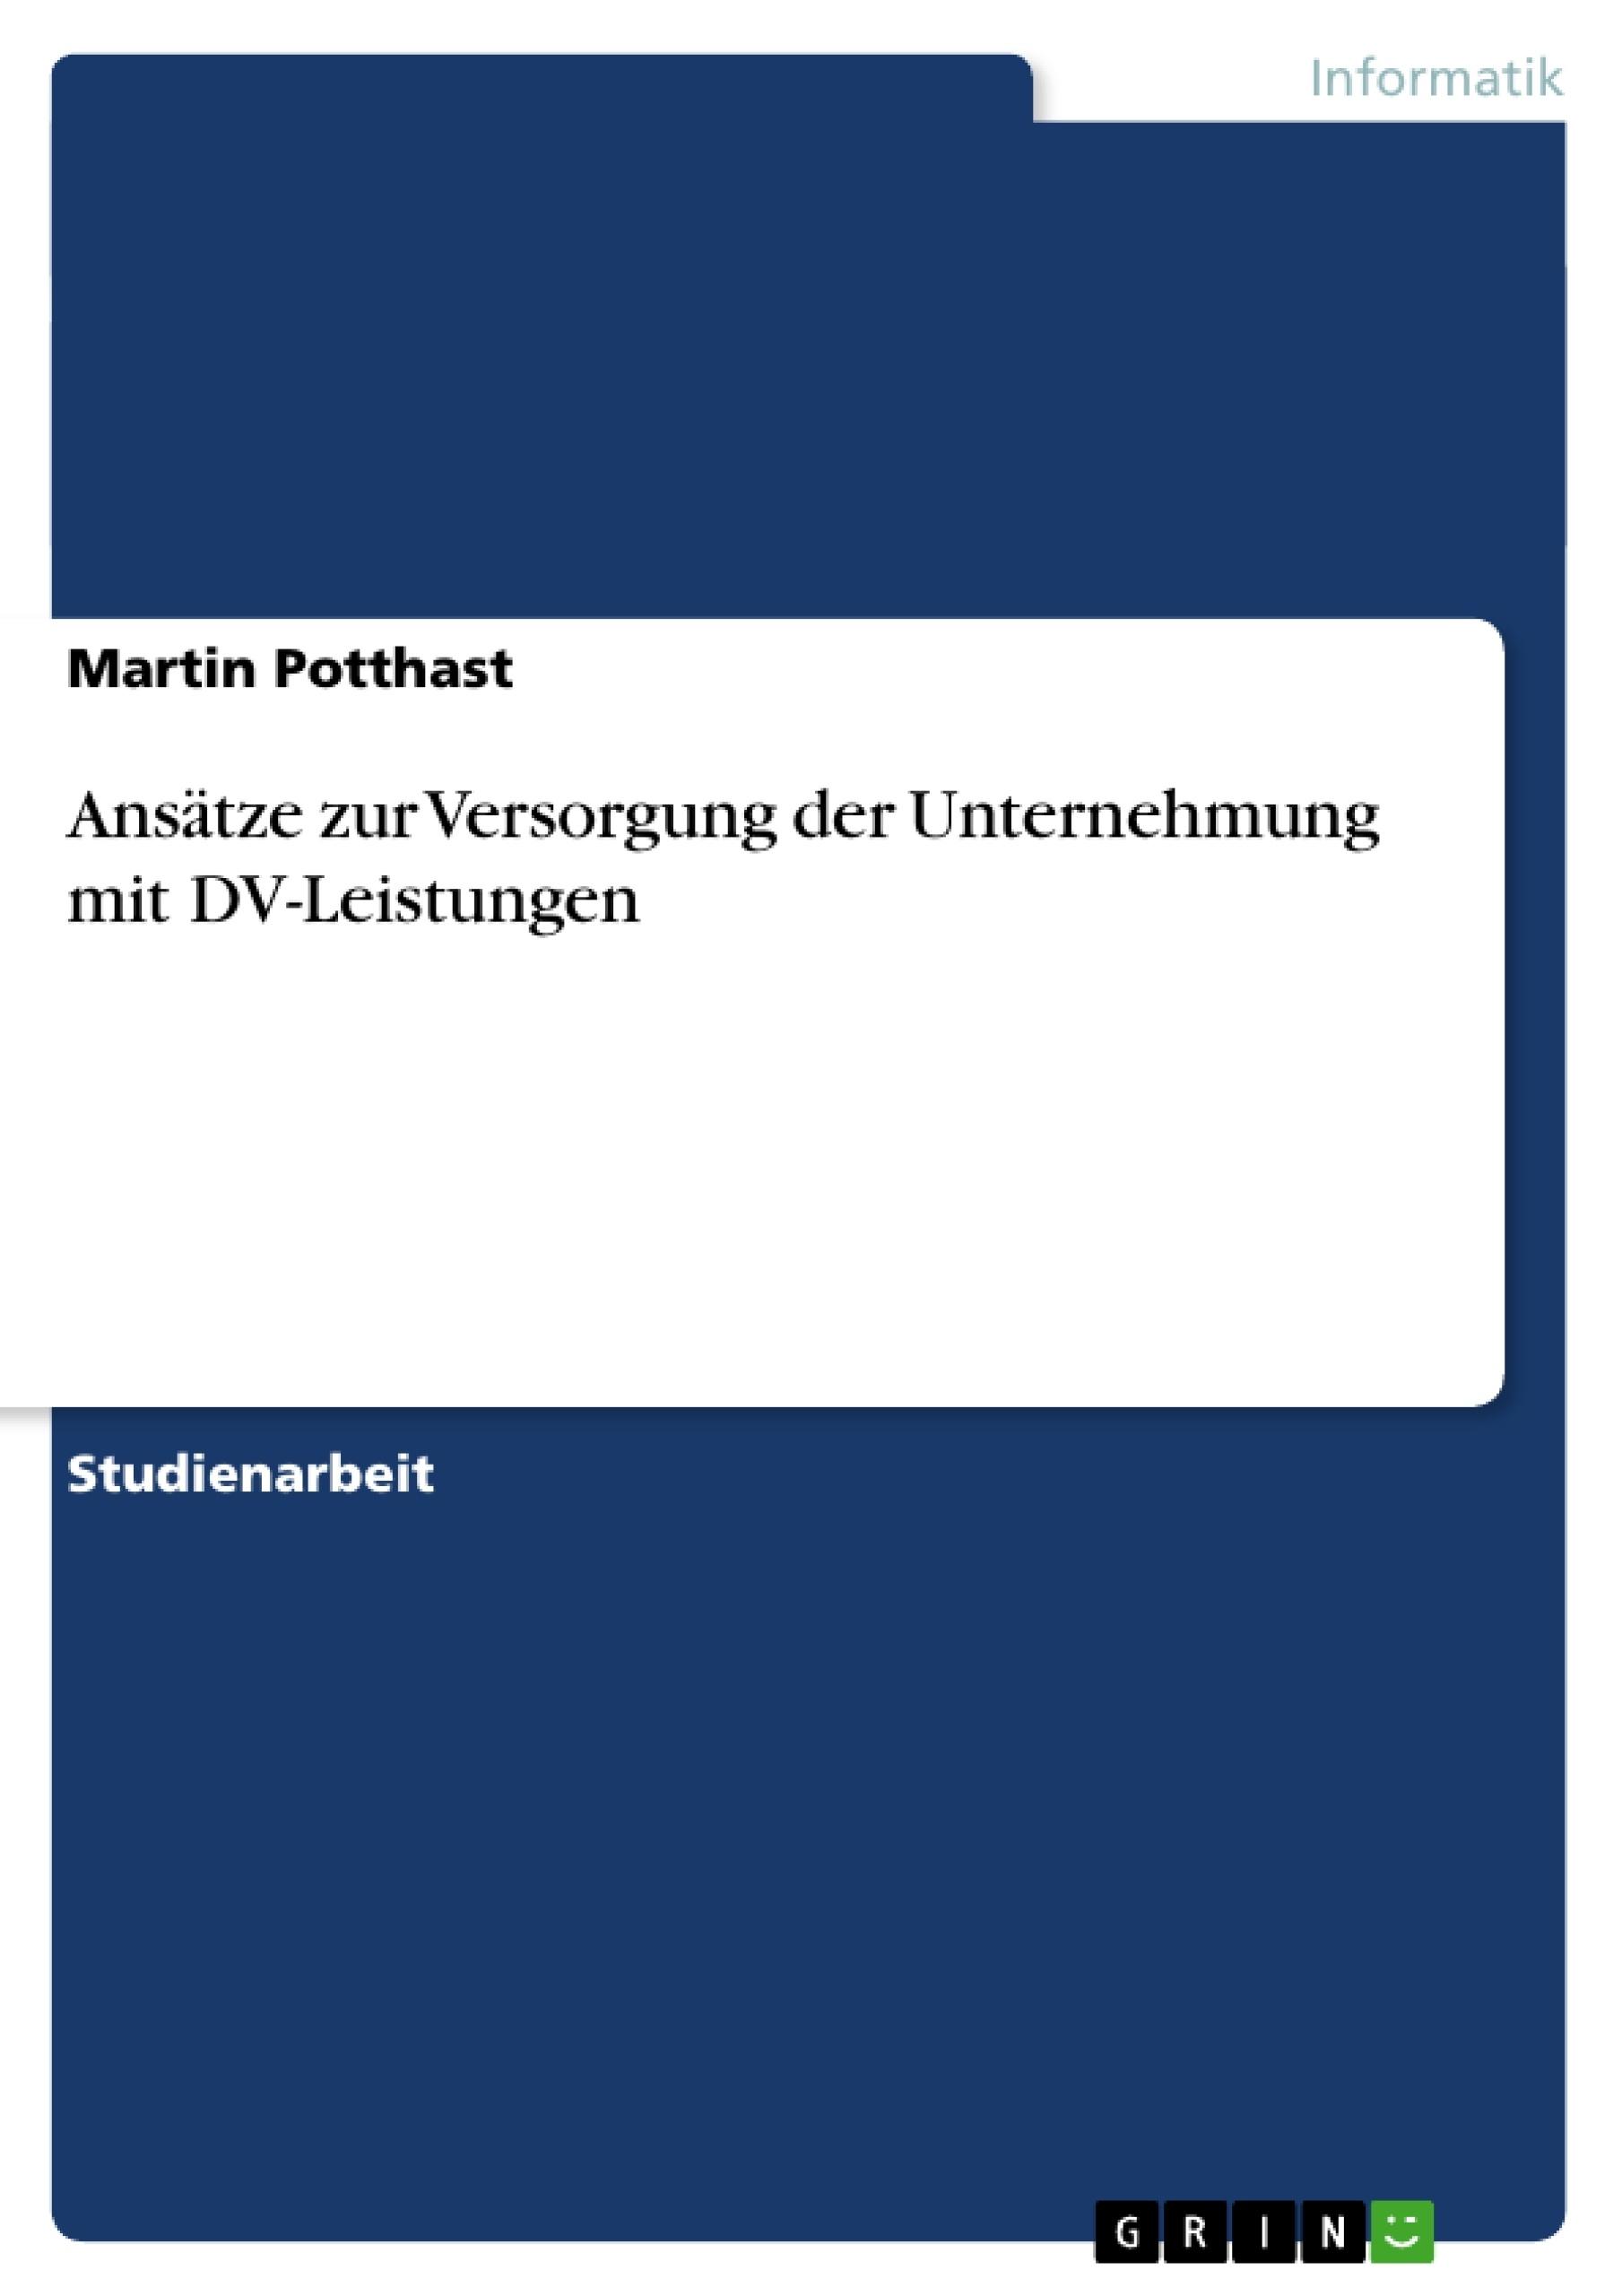 Titel: Ansätze zur Versorgung der Unternehmung mit DV-Leistungen